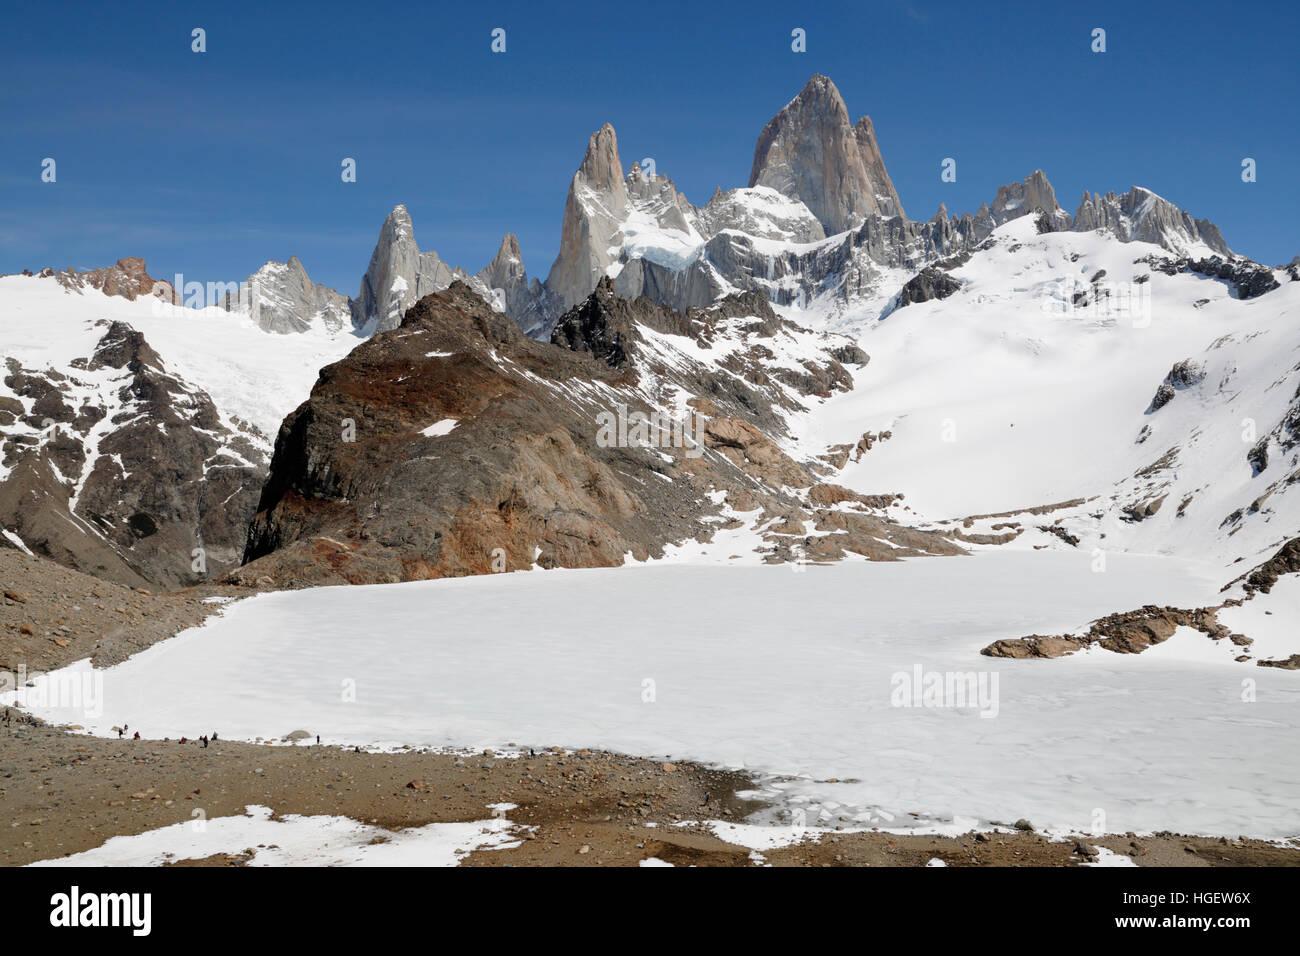 Laguna de los Tres und Fitz Roy Berg, El Chalten, Patagonien, Argentinien, Südamerika Stockbild